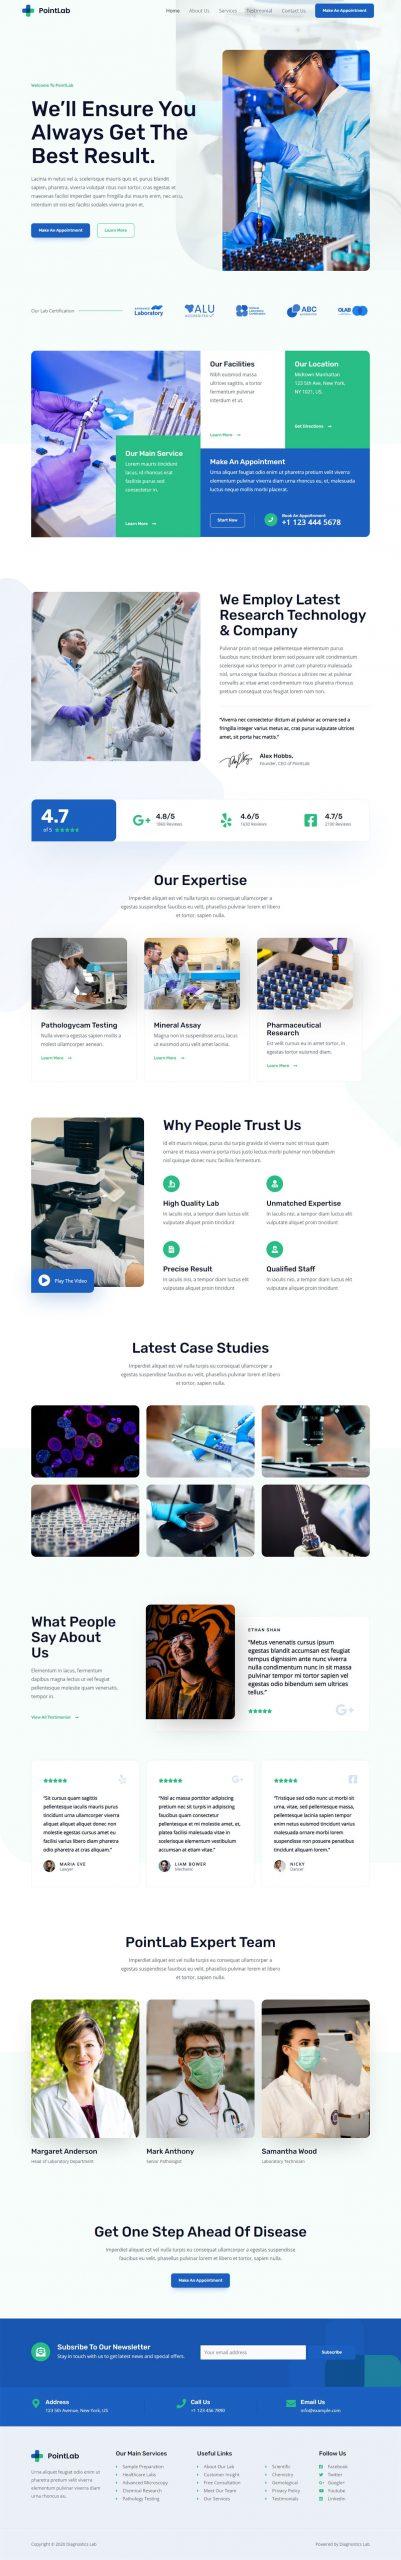 Adamo Web Design | Web Design Durham | diagnostics lab 04 scaled